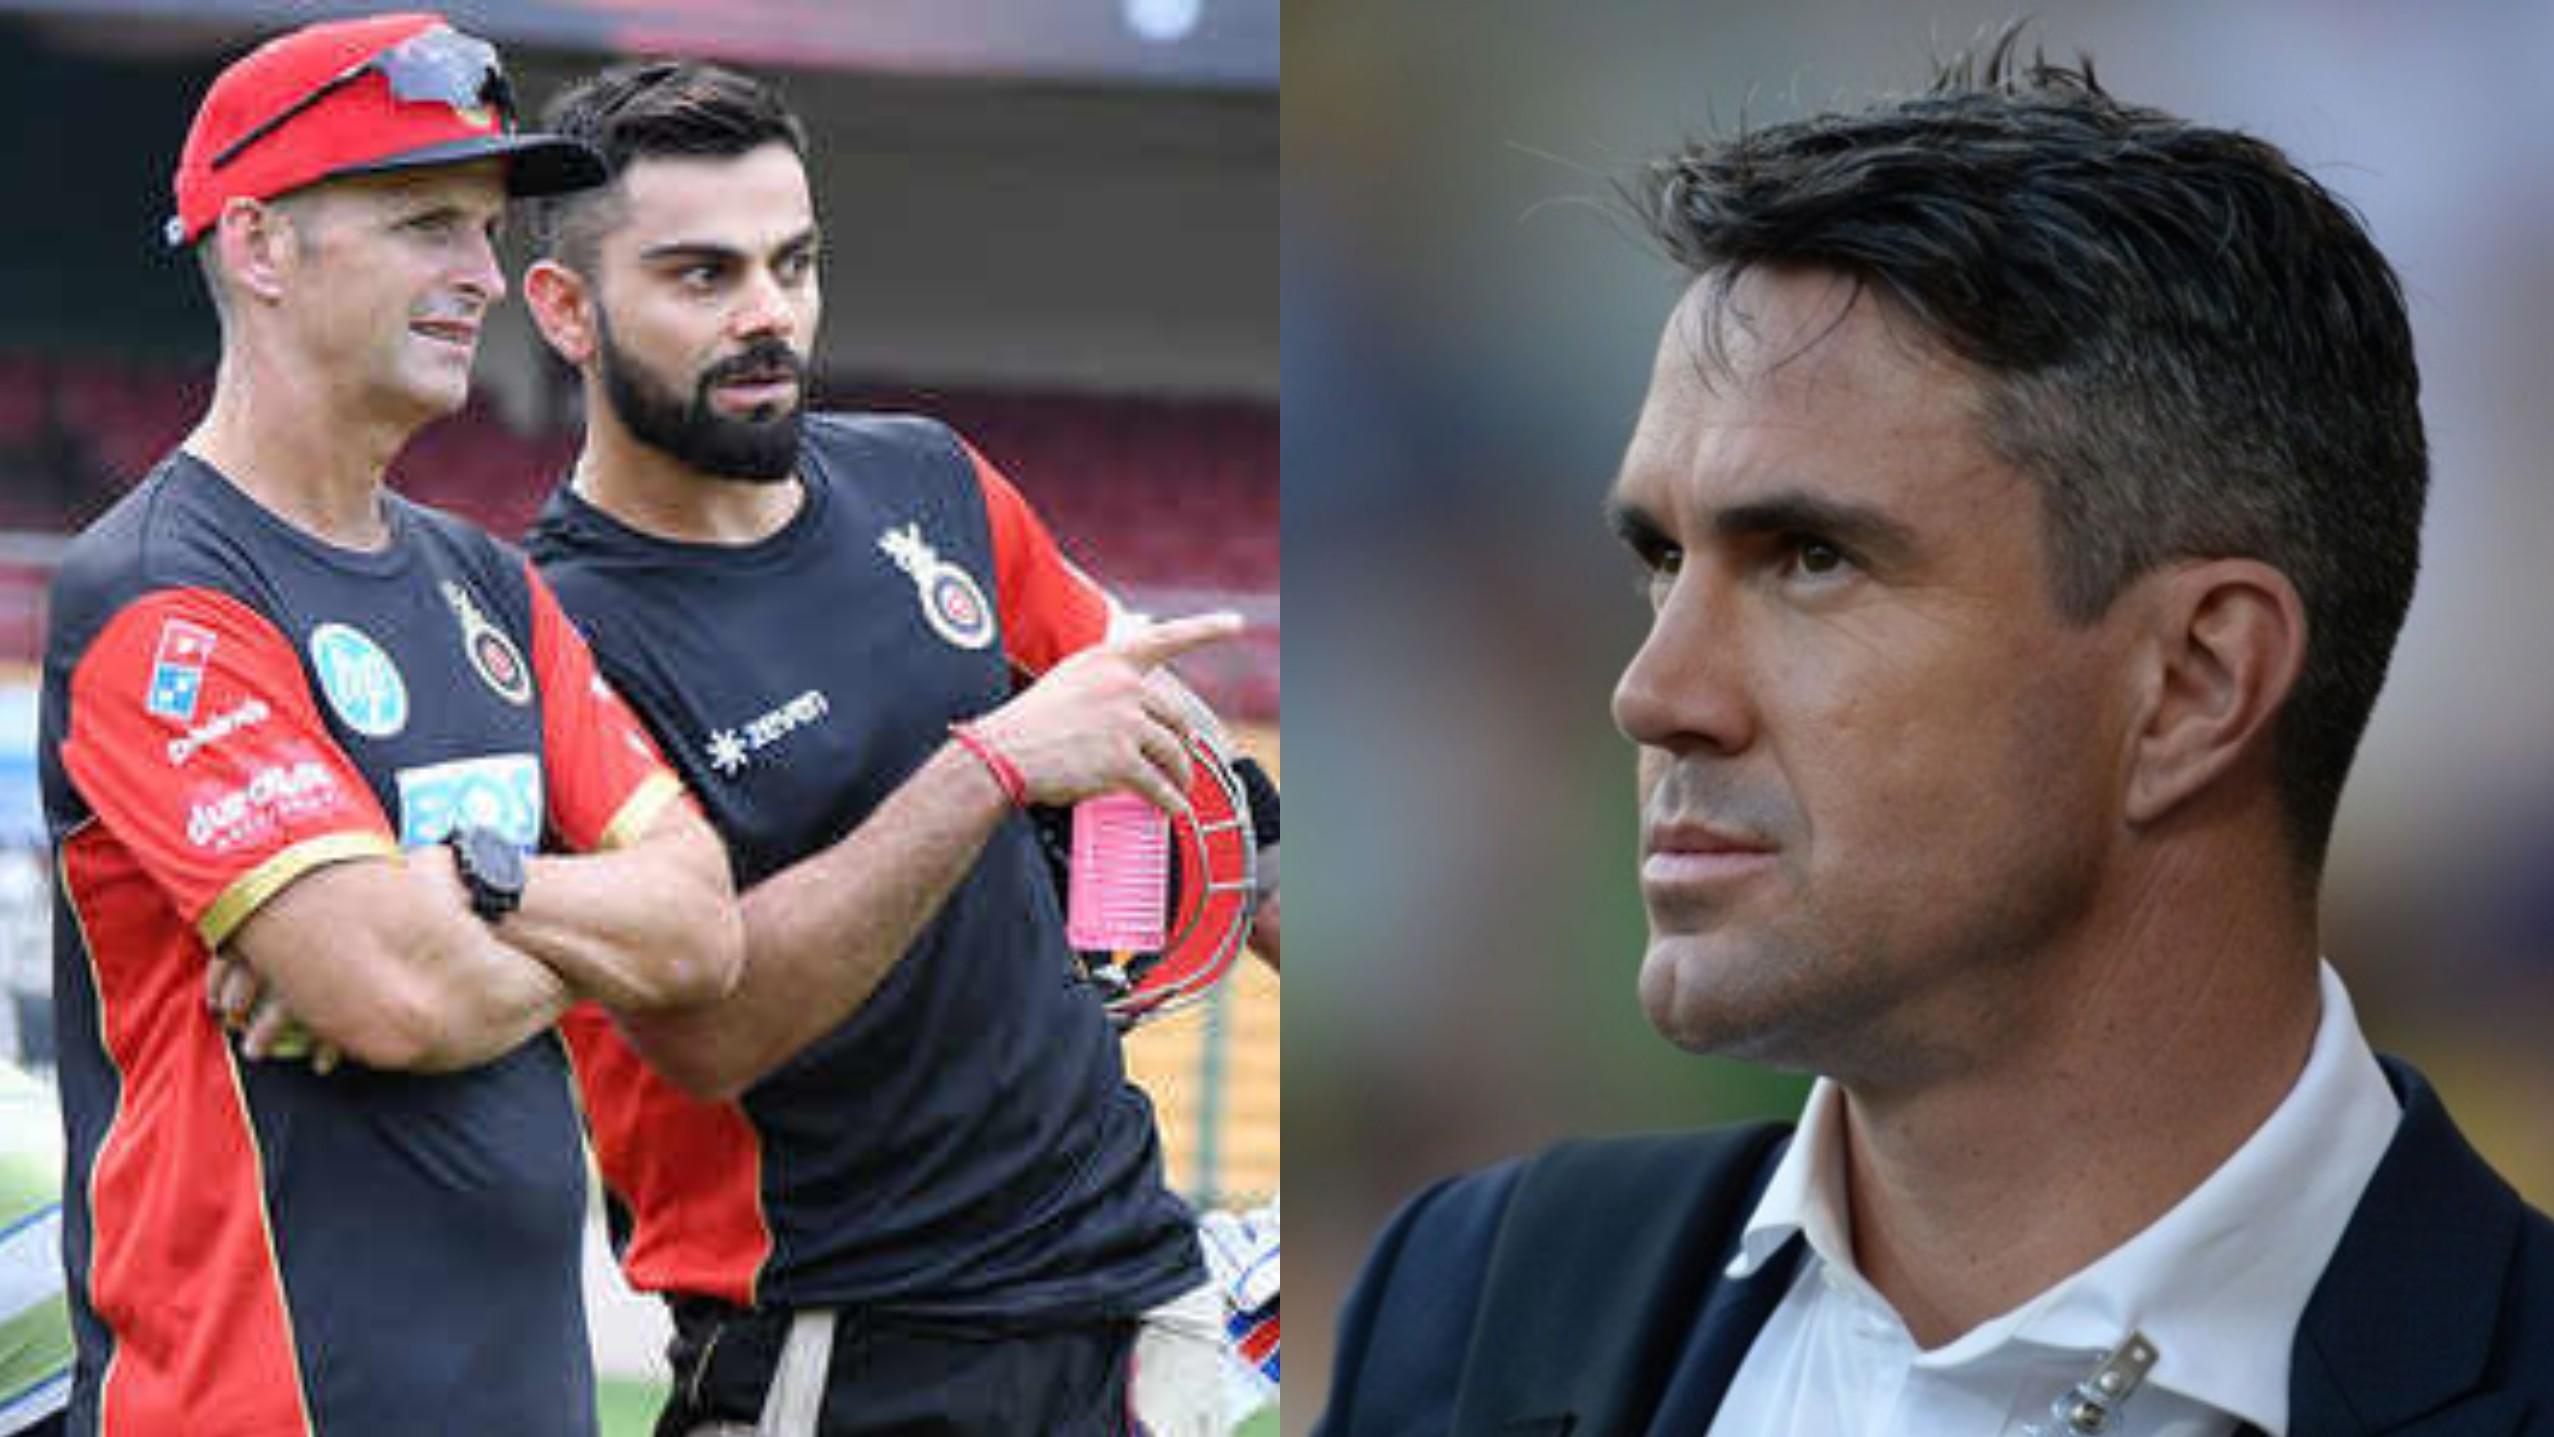 IPL 2019 : केविन पीटरसन इस बात को जानने के लिए उत्सुक हैं कि क्या फ्रेंचाइजी करेगी ये काम